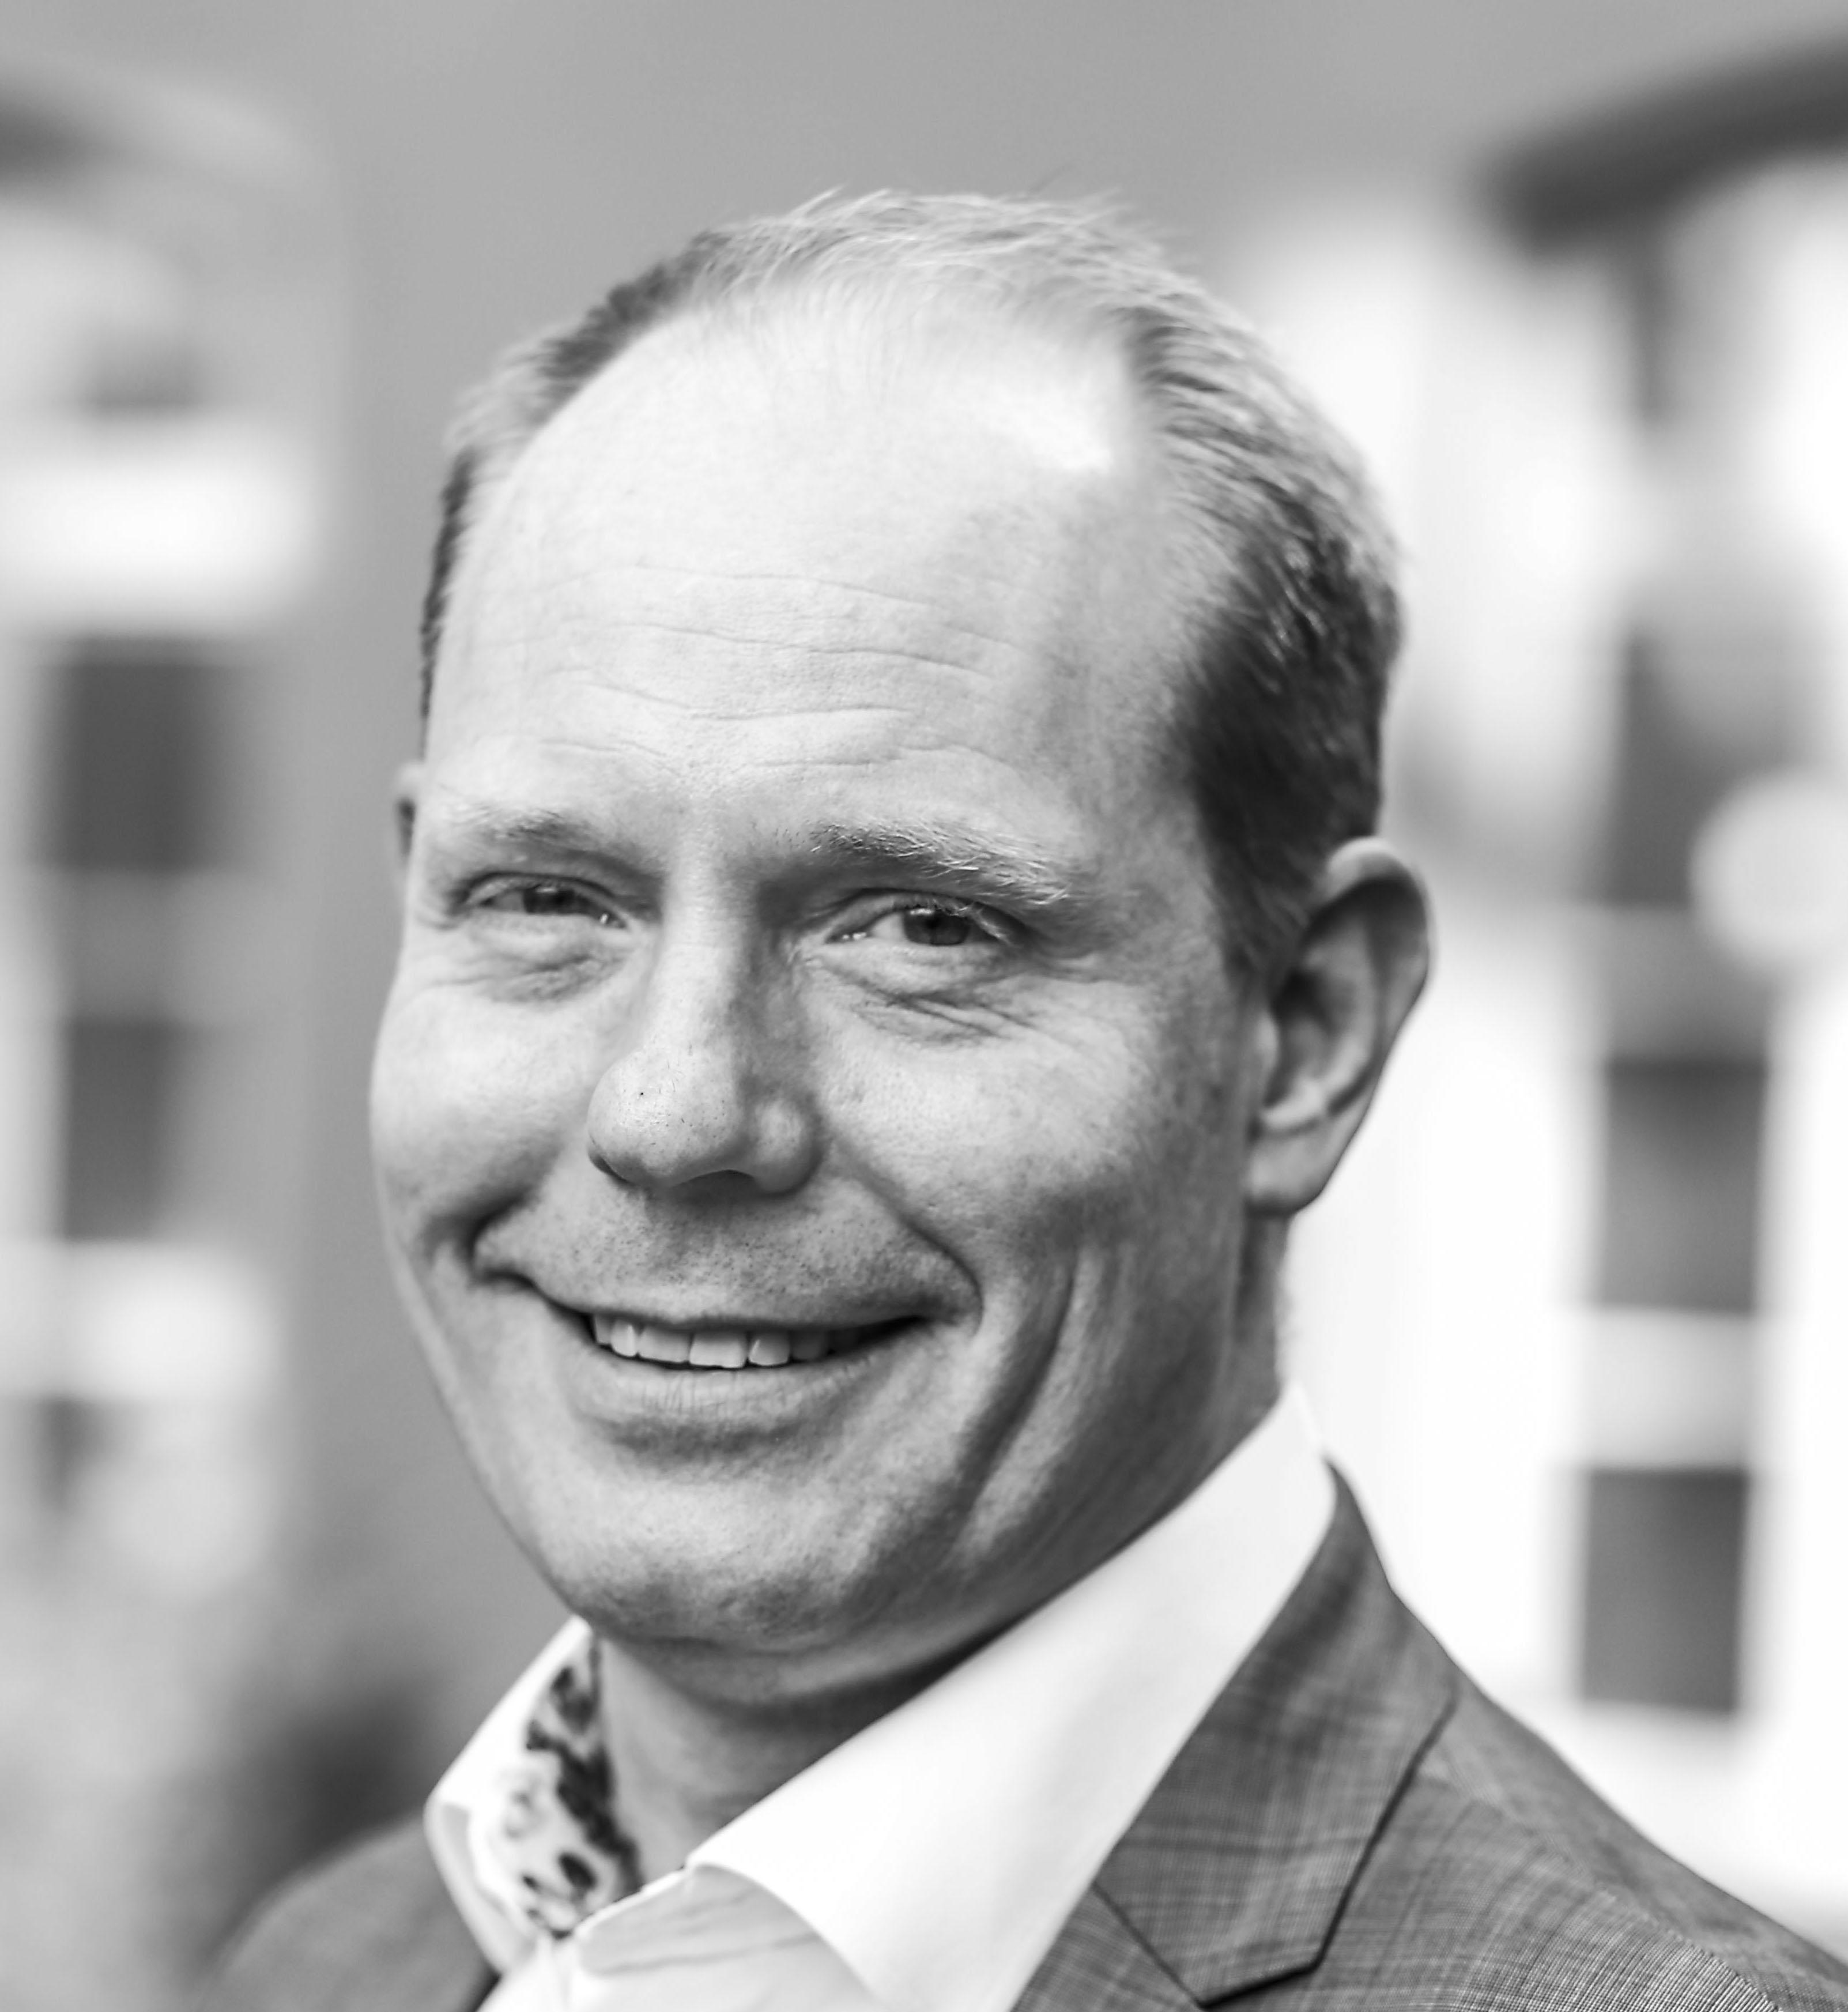 Patrik Hallén